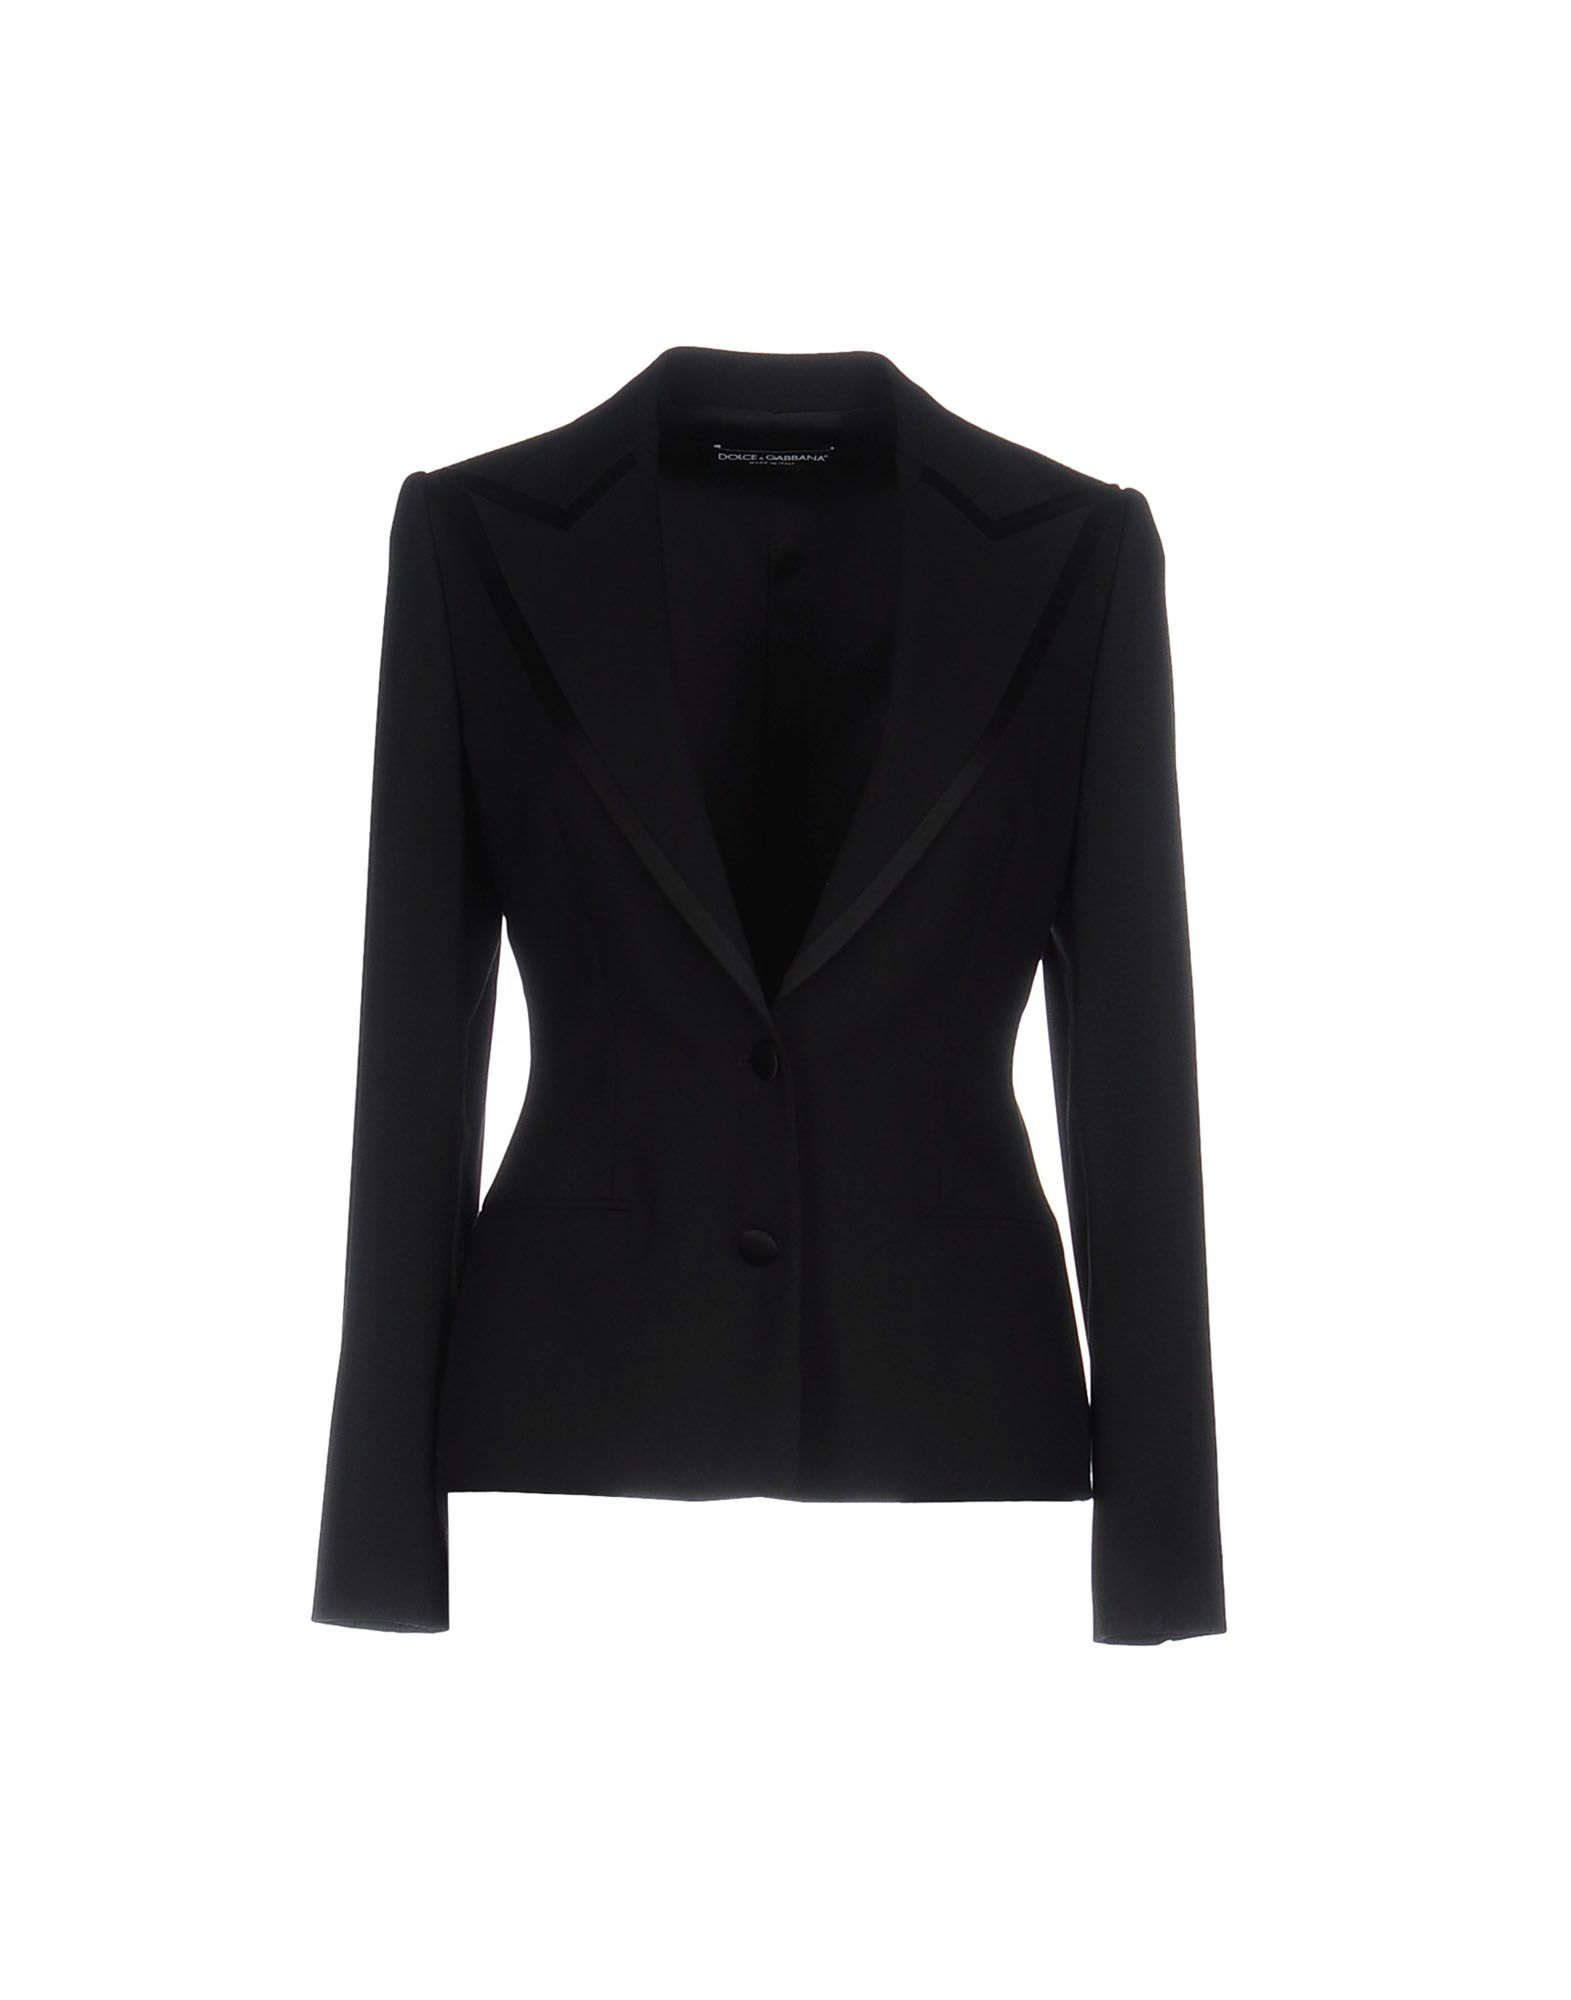 Femmes Sweetamp; Veste GabbanaAcheter En Ligne À cR4A35jLq